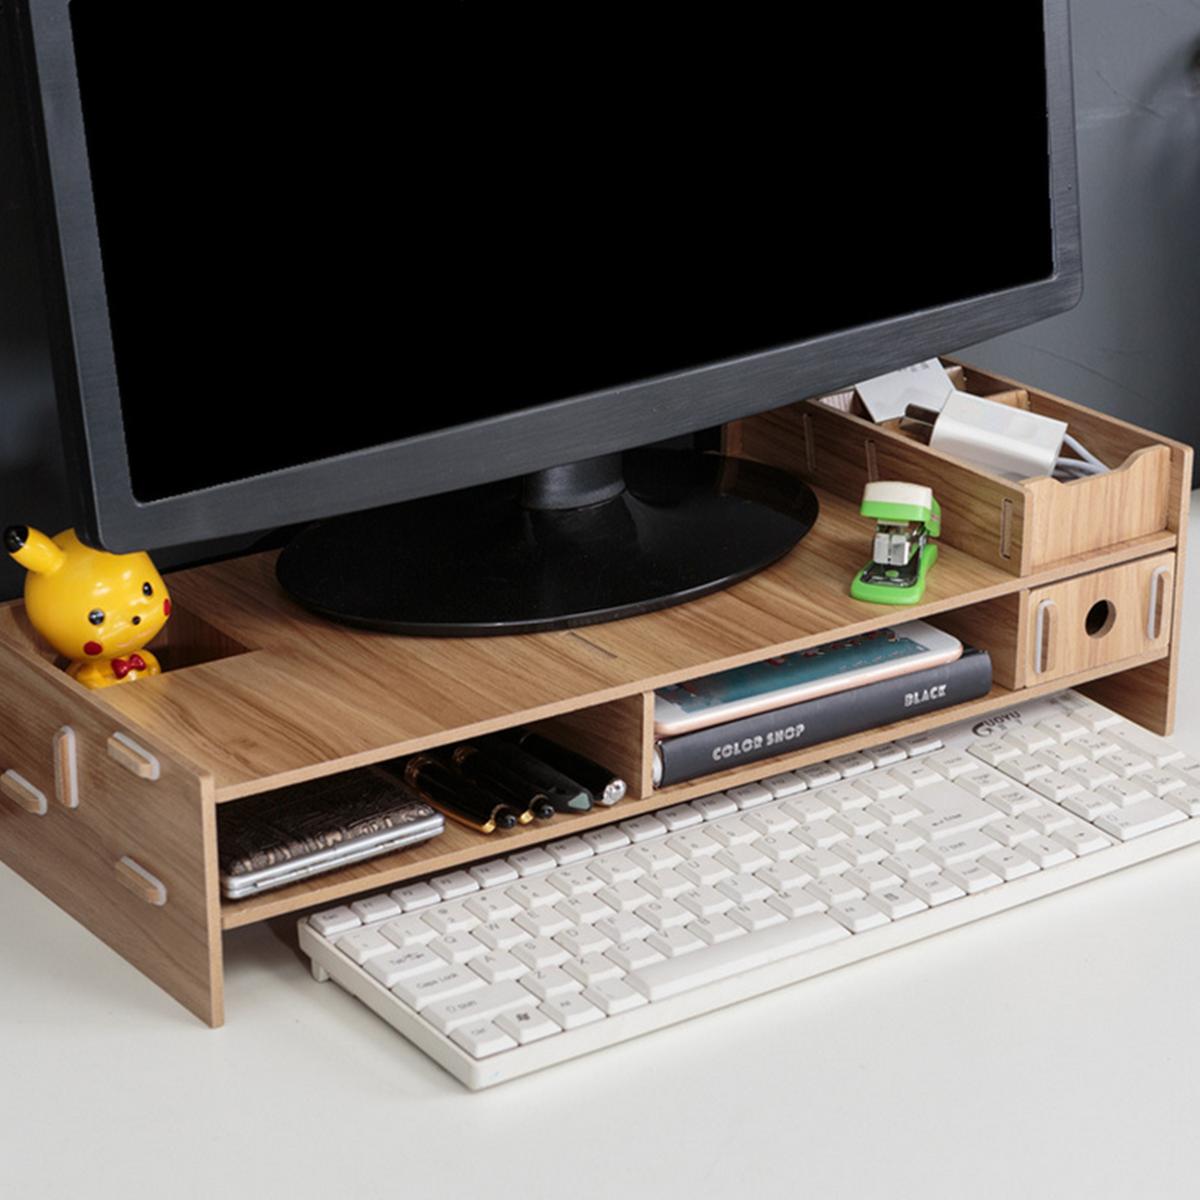 Supporto per monitor in legno Supporto da tavolo per scrivania Supporto per laptop Schermo per computer Supporto da tavolo Supporto per riser per PC Organizzatore